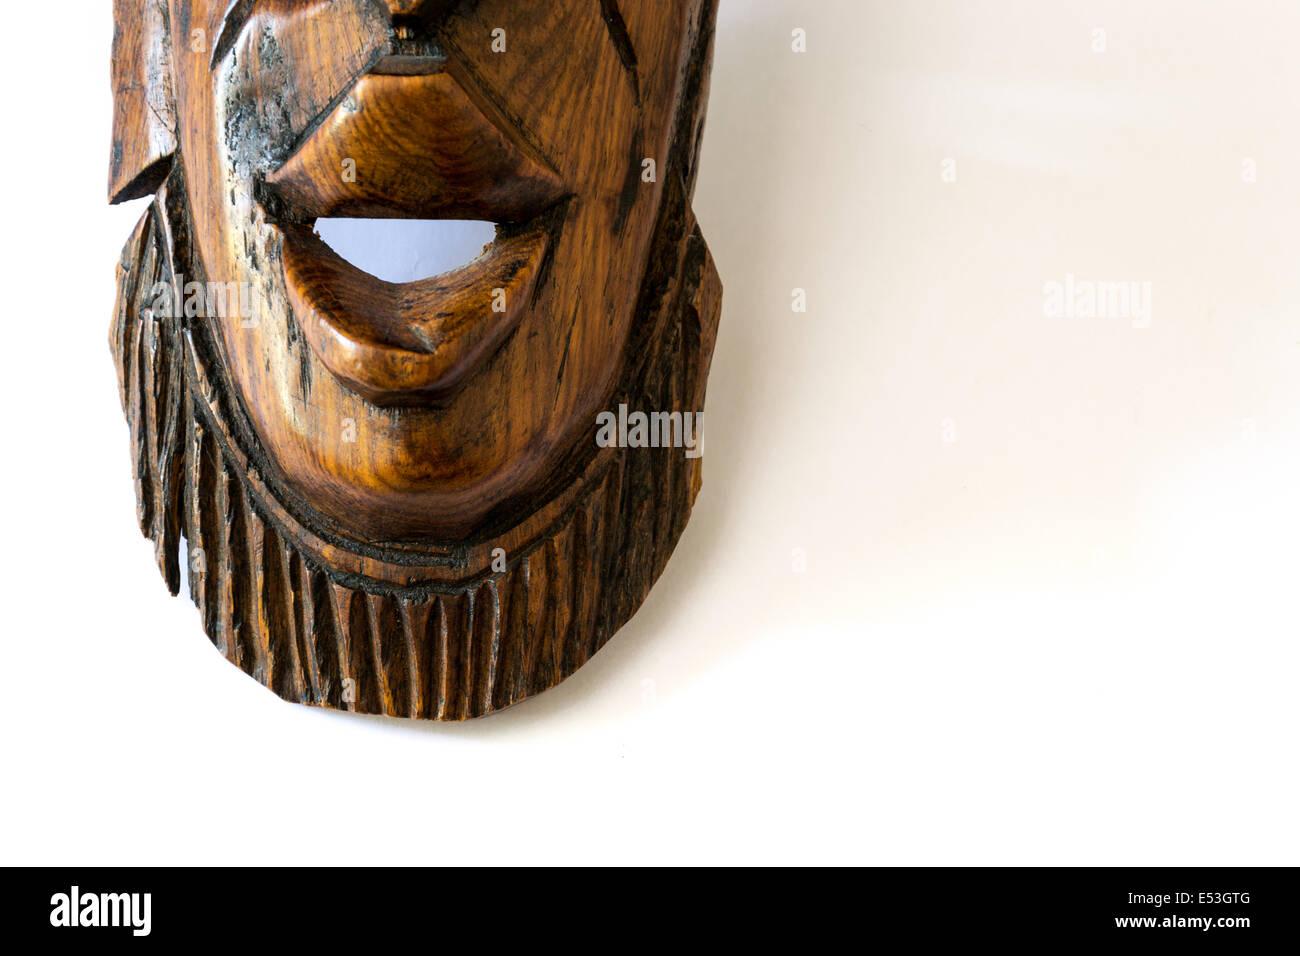 Masque africain en bois sur un papier blanc Banque D'Images